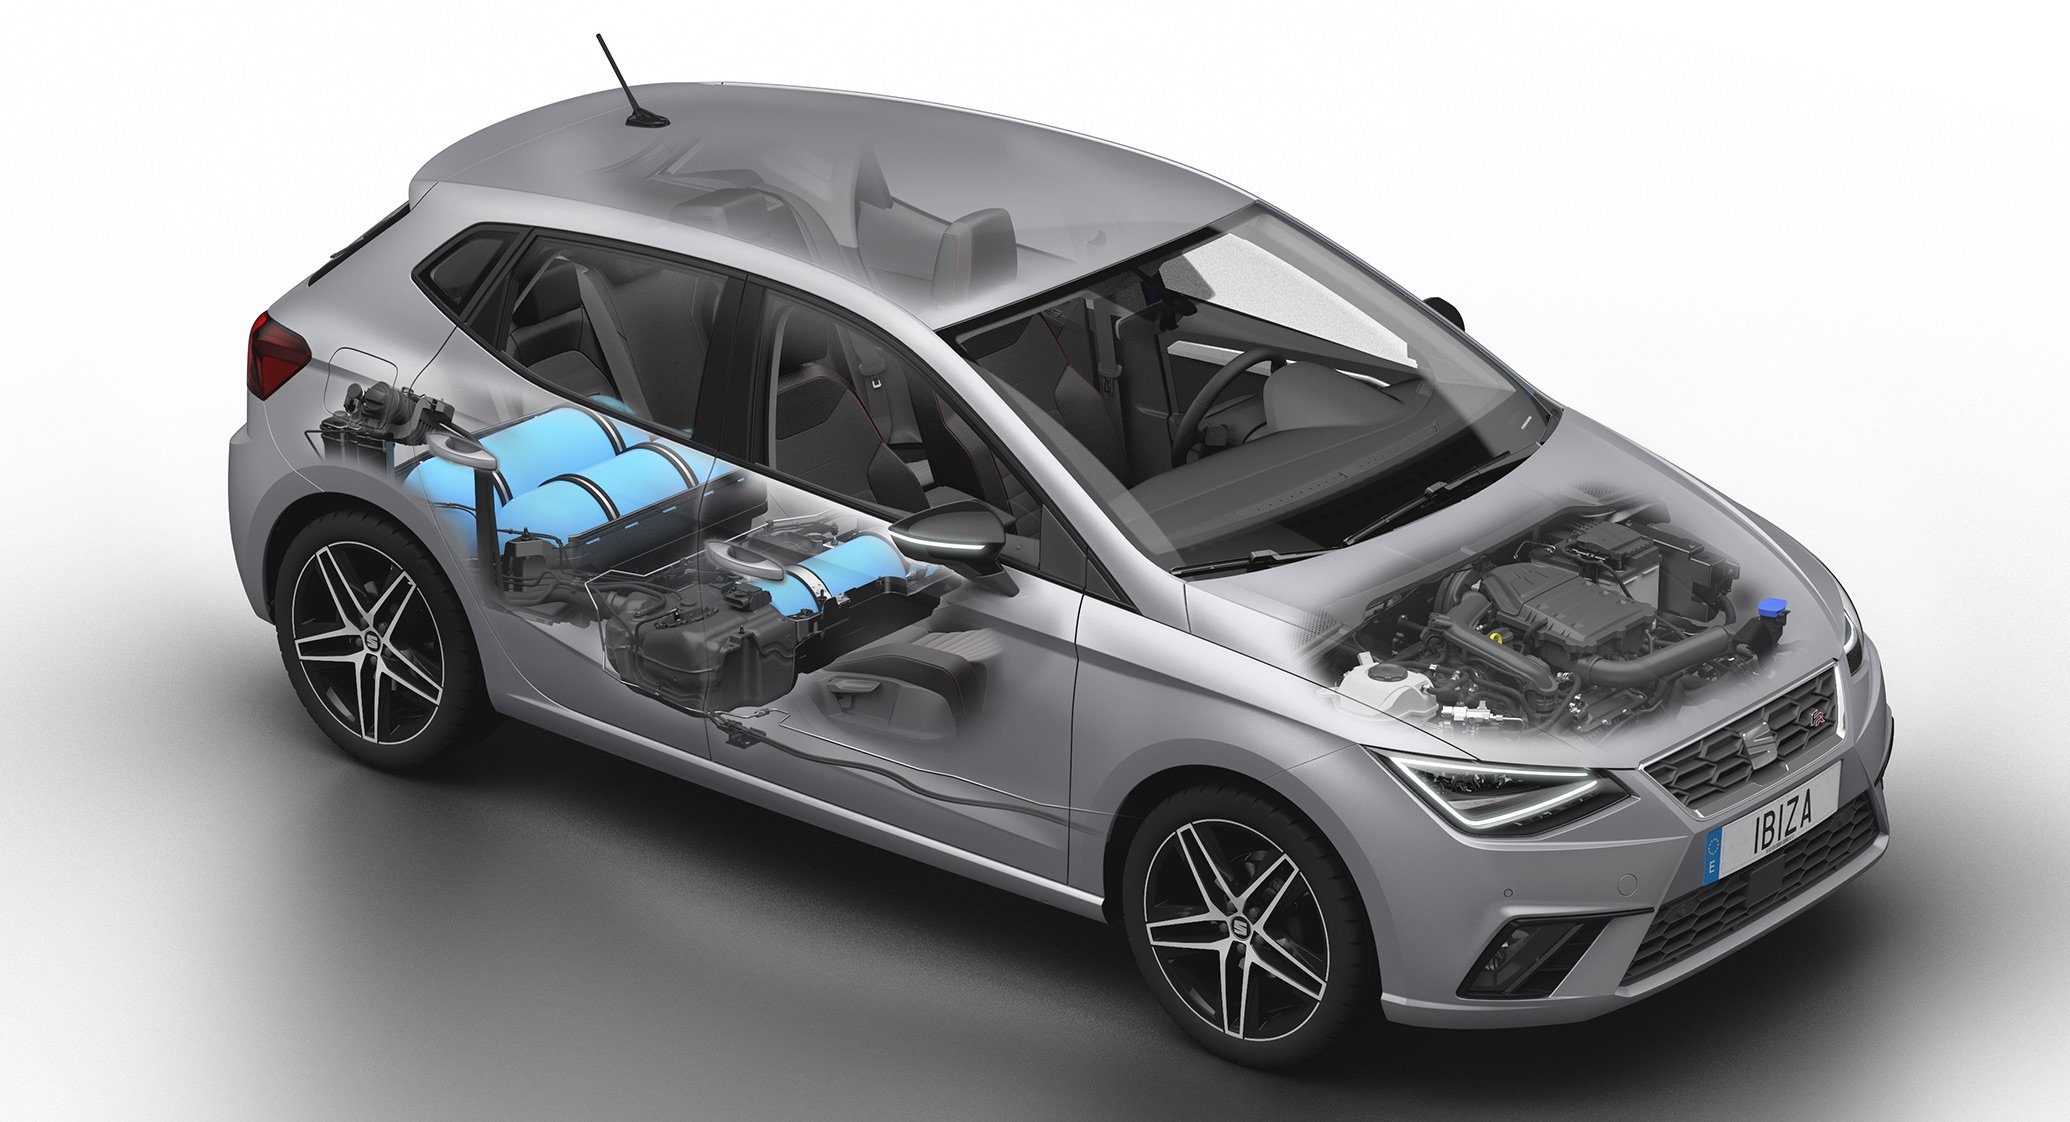 Seat mantiene su apuesta por el coche de gas, aunque a largo plazo: en 2014 vendió 3.500 vehículos en Europa, 93 en España